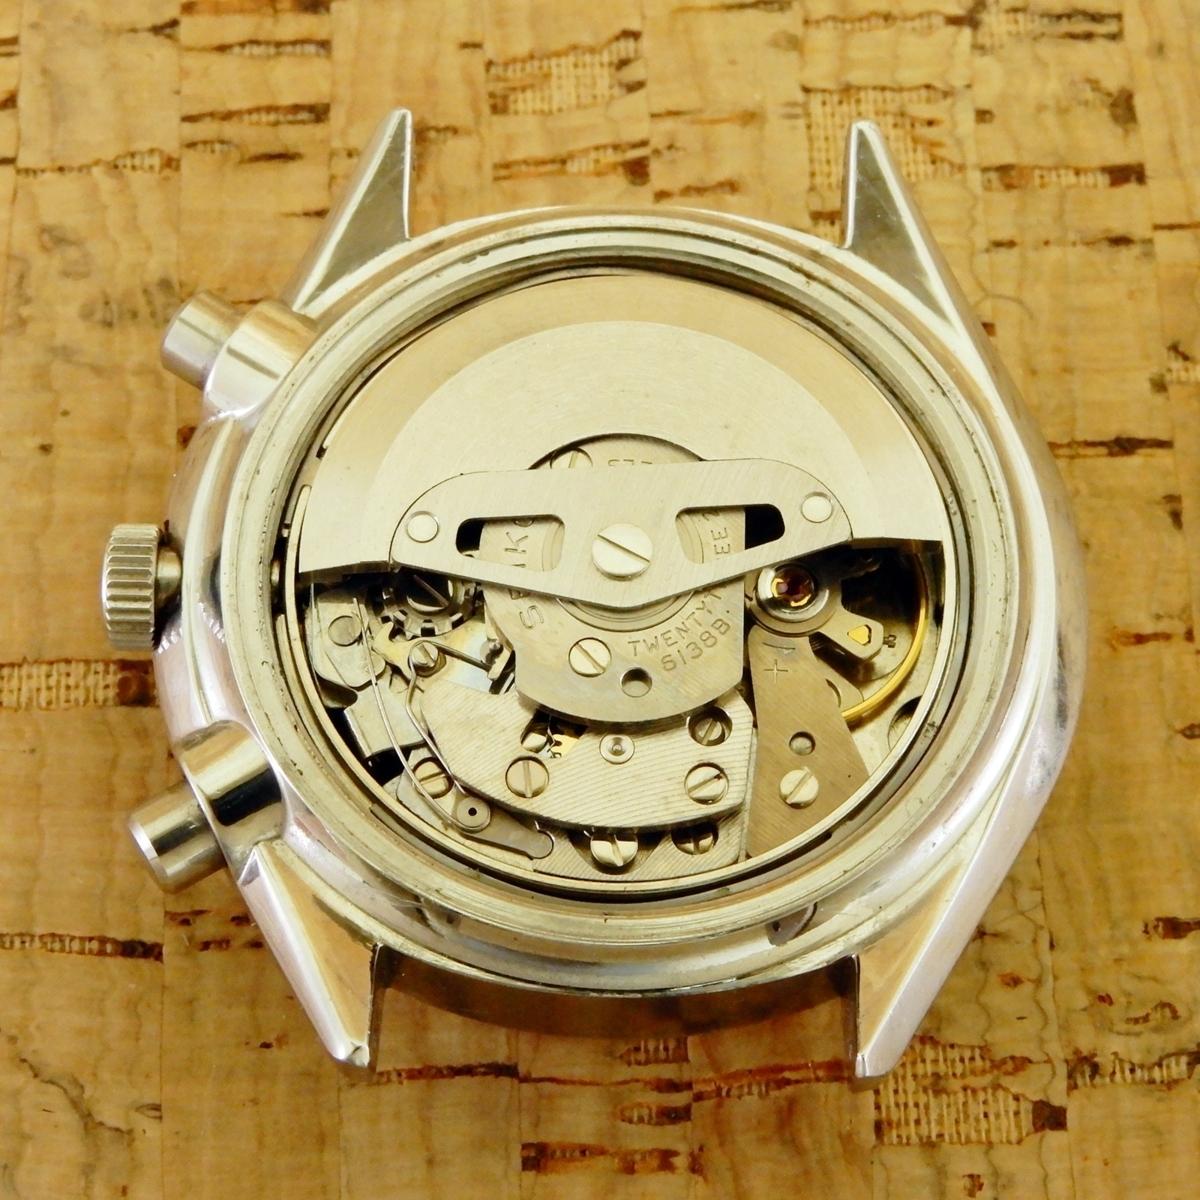 [ベビーパンダ/BabyPanda] Seiko Chronograph 6138-8000 SS AT/セイコークロノグラフ 61CHW 自動巻/2種目盛タキメーター 1971年_画像6